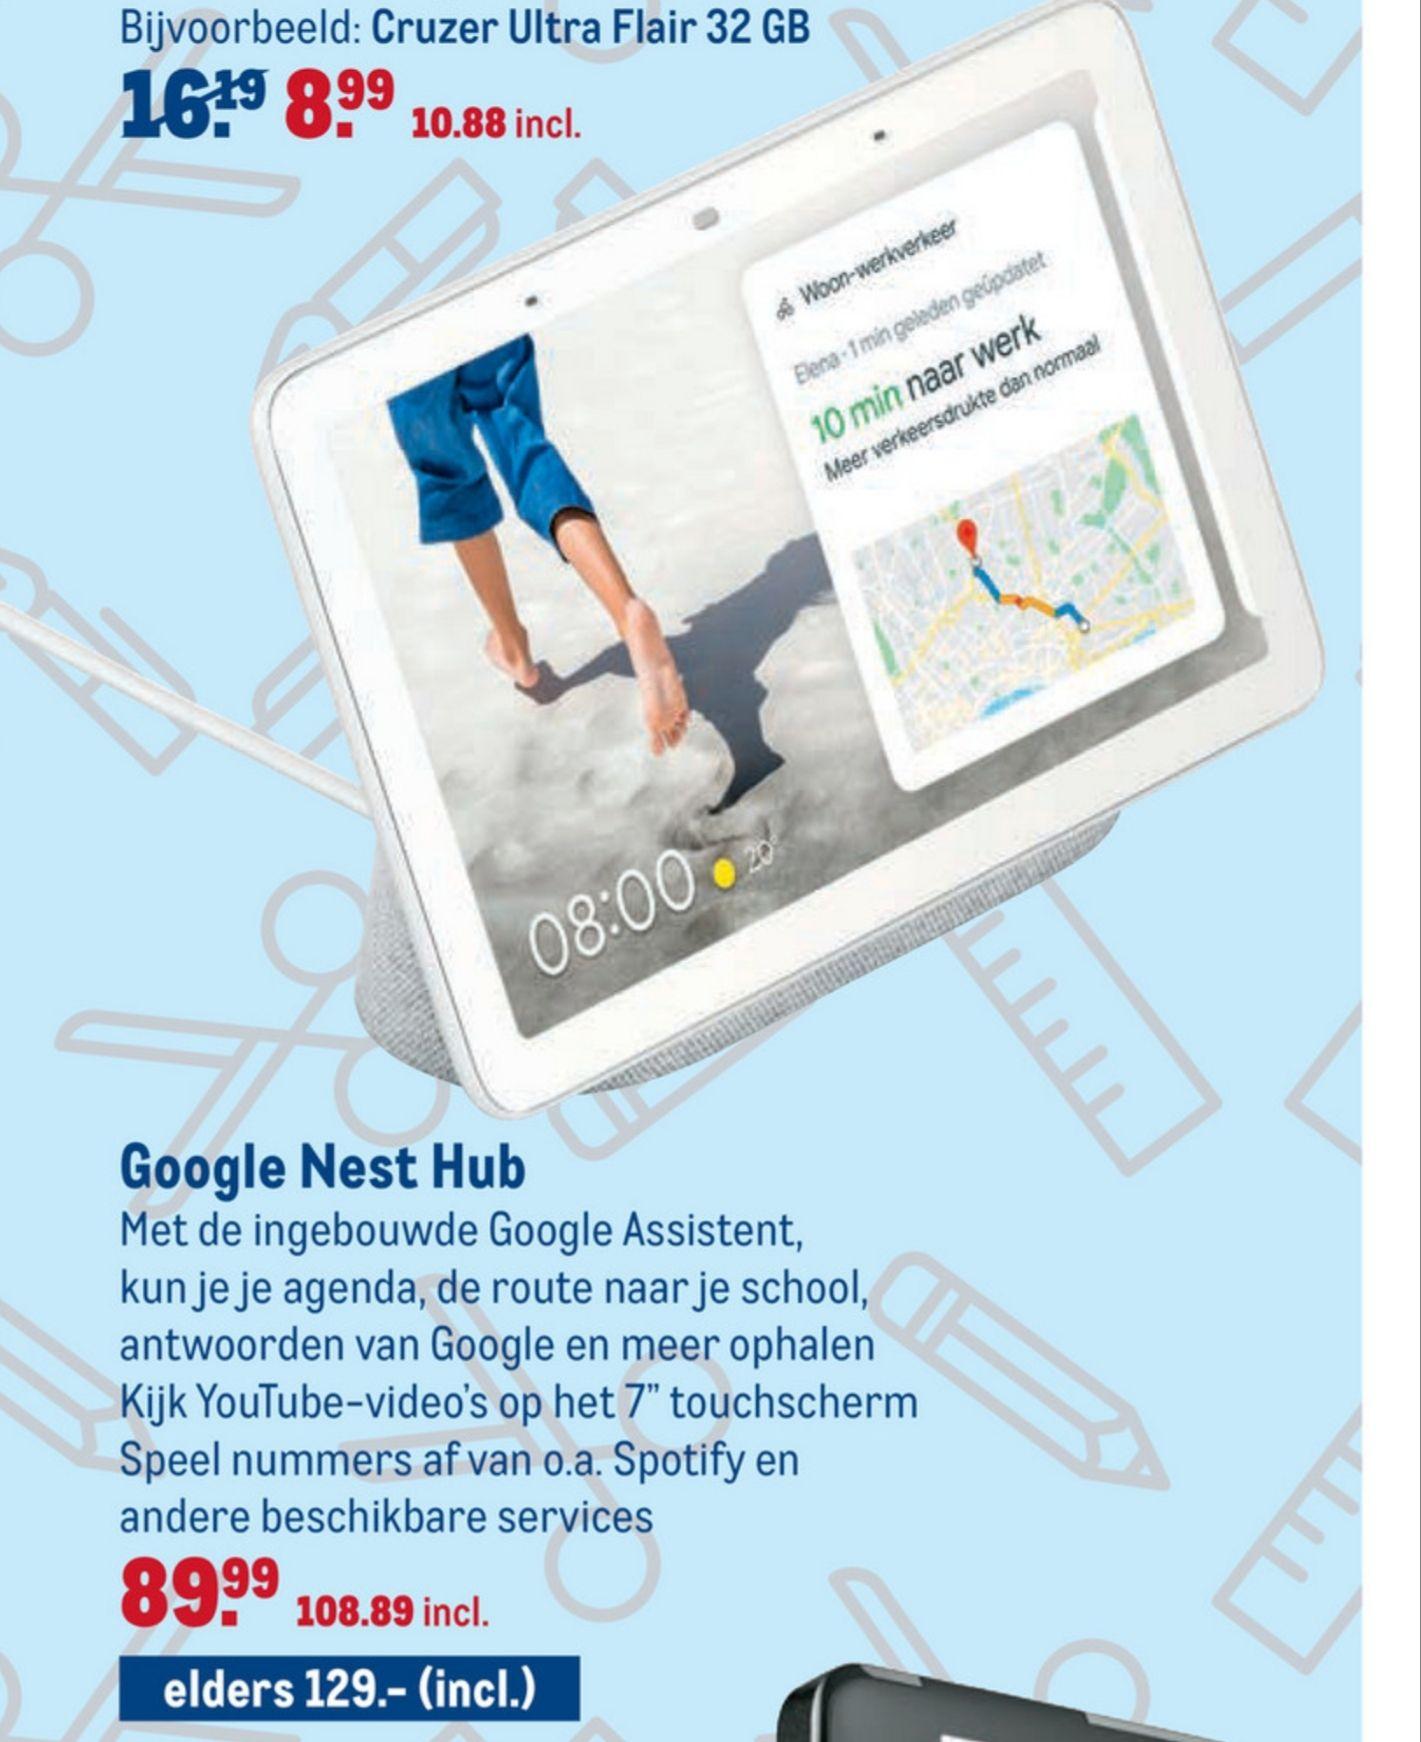 Google nest hub (€108,89incl) @ Makro